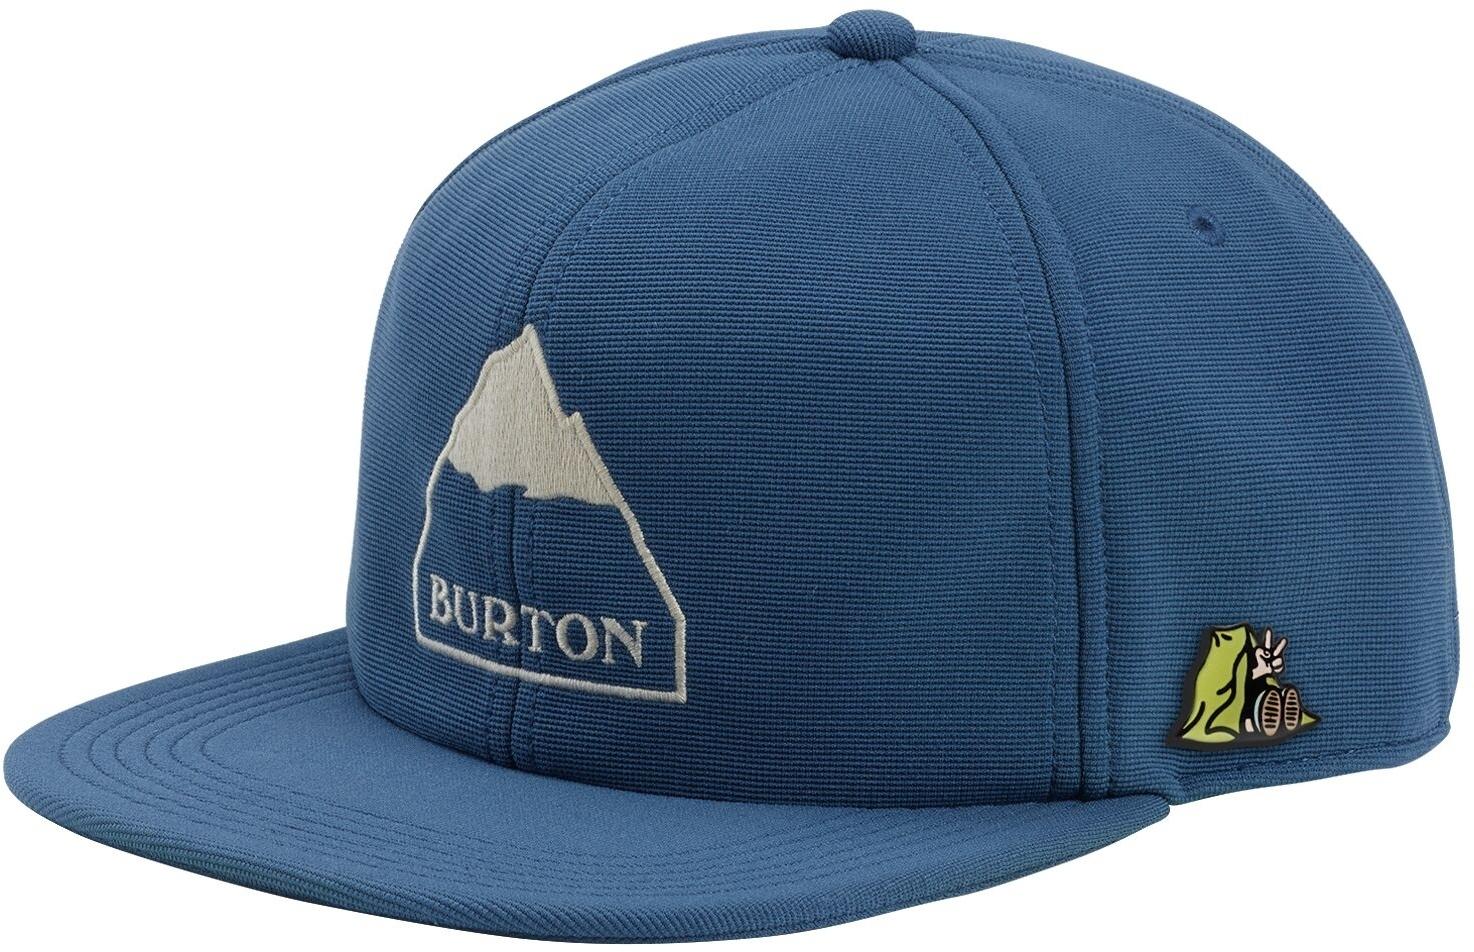 546d17d4b7b Kšiltovka Burton Tackhouse Hat-mood indigo - Spot Shop